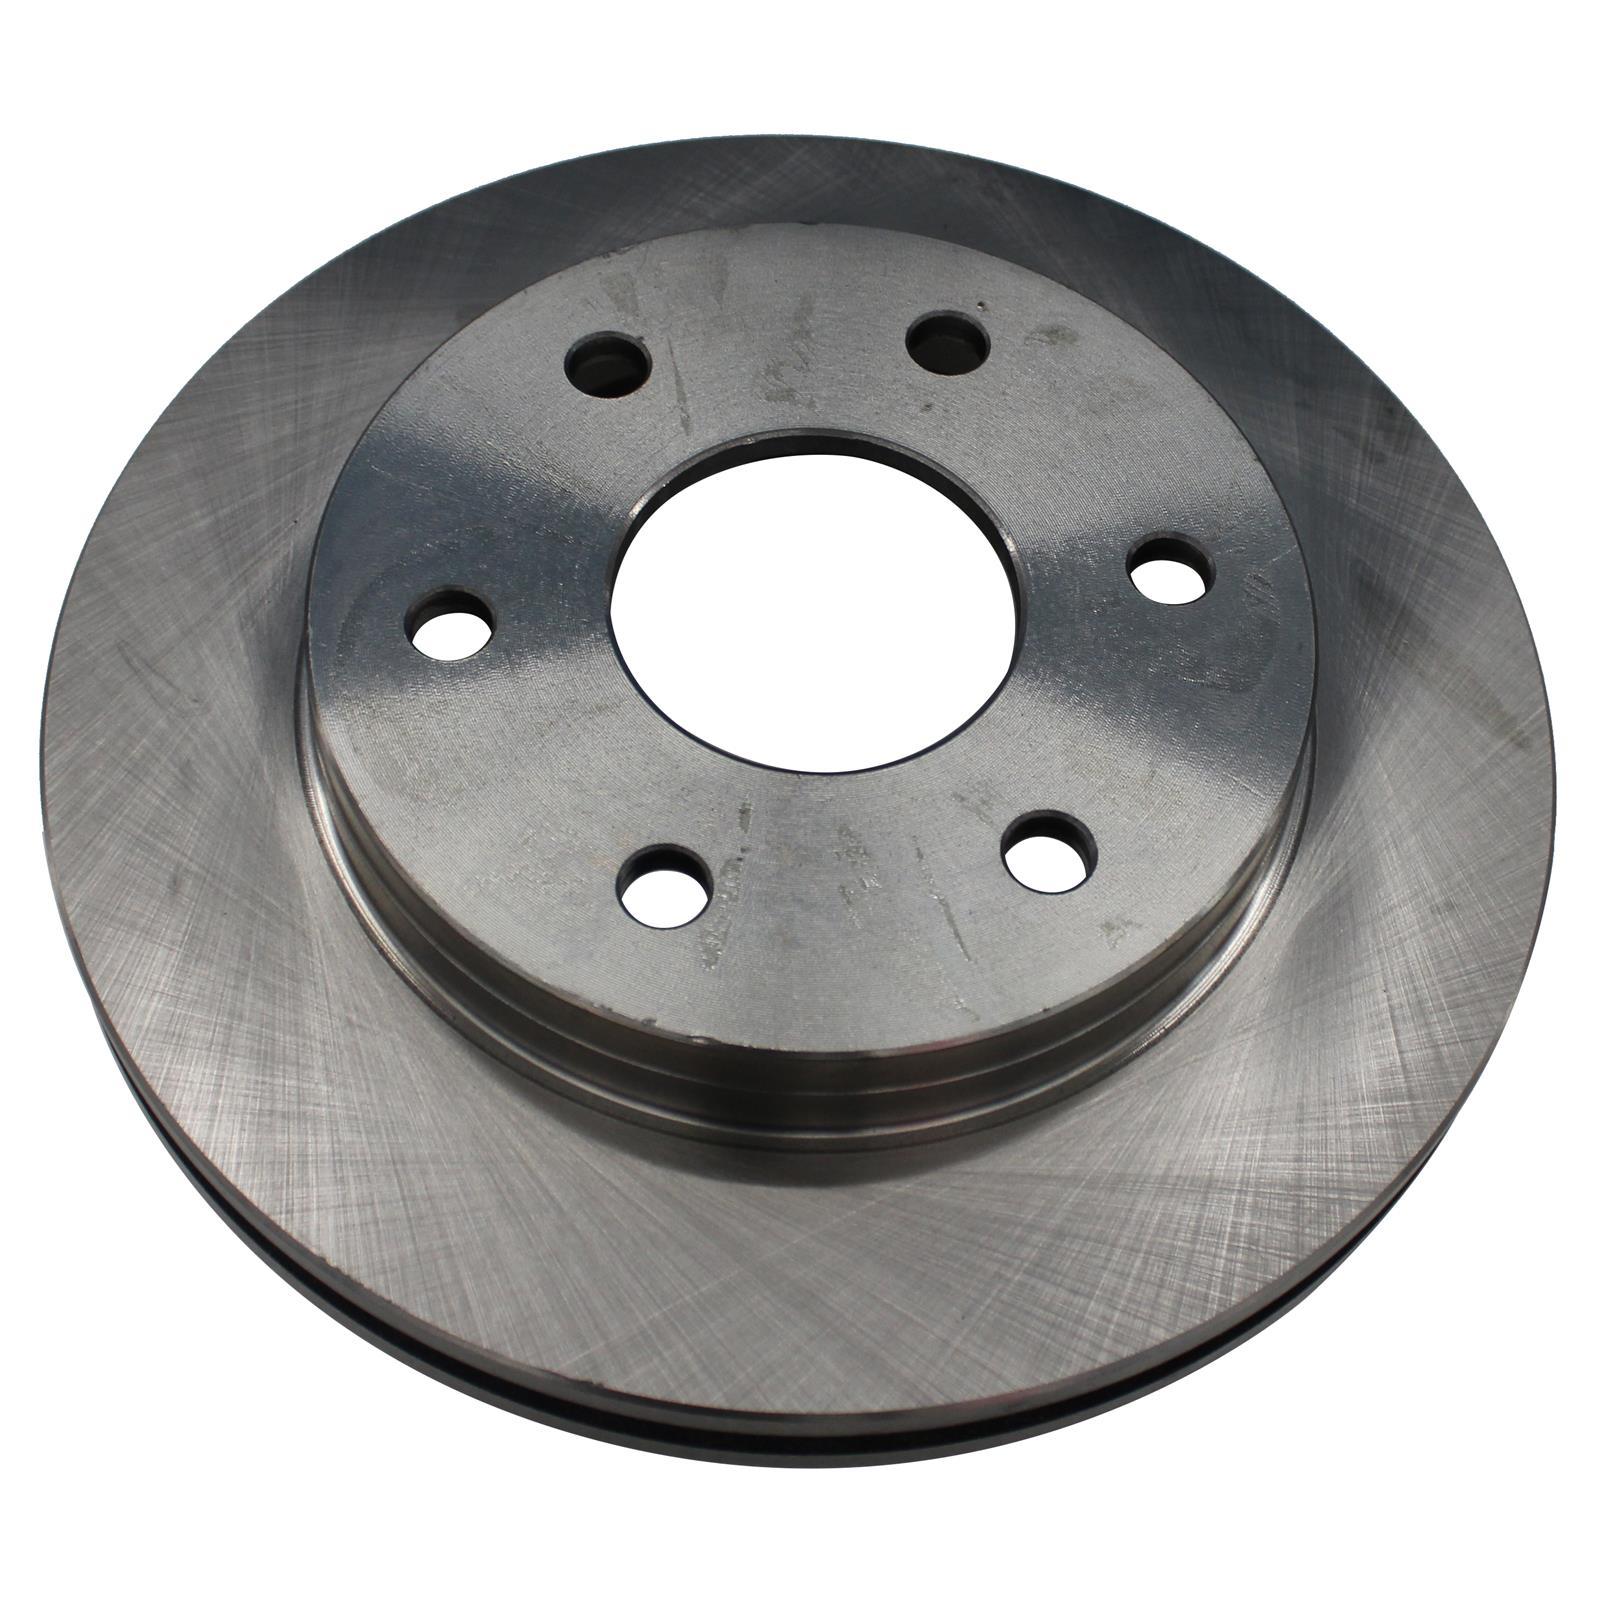 ACDelco 18A455A Advantage Non-Coated Rear Disc Brake Rotor